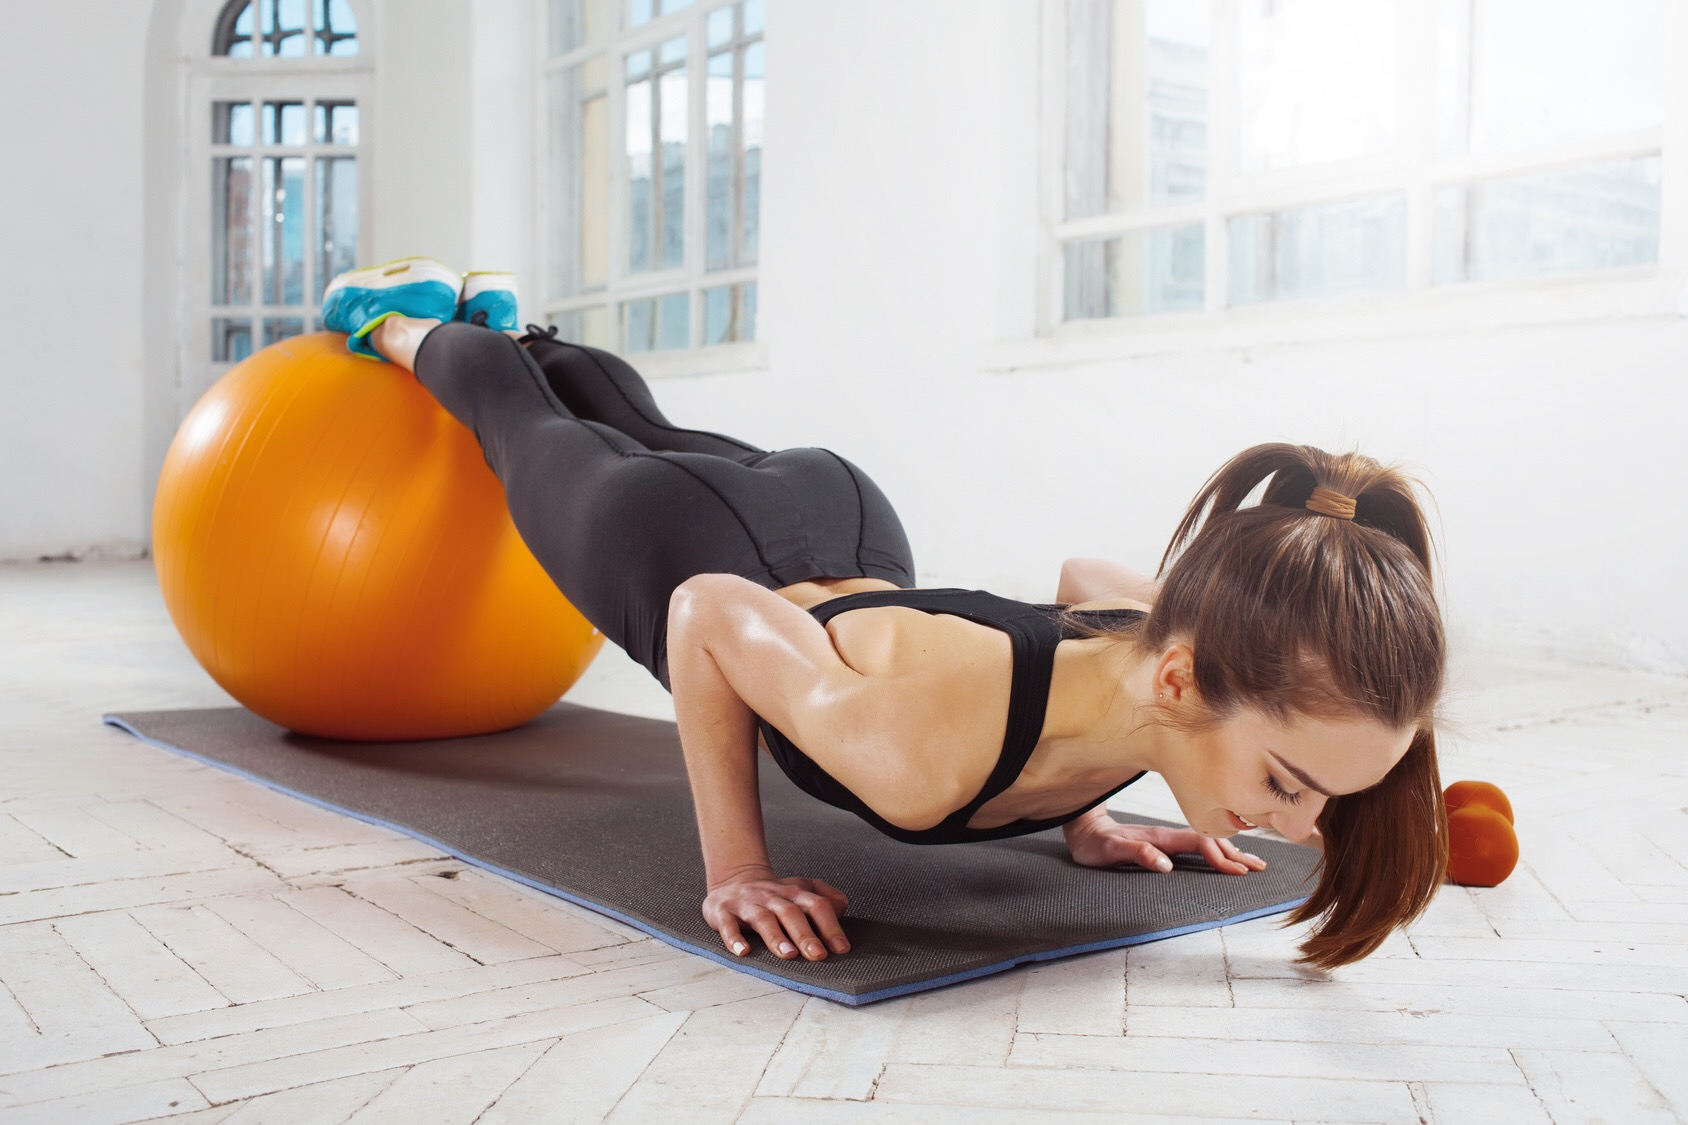 Упражнения По Фитнесу Для Интенсивного Похудения. Аэробика для похудения в домашних условиях: (10+ видео)